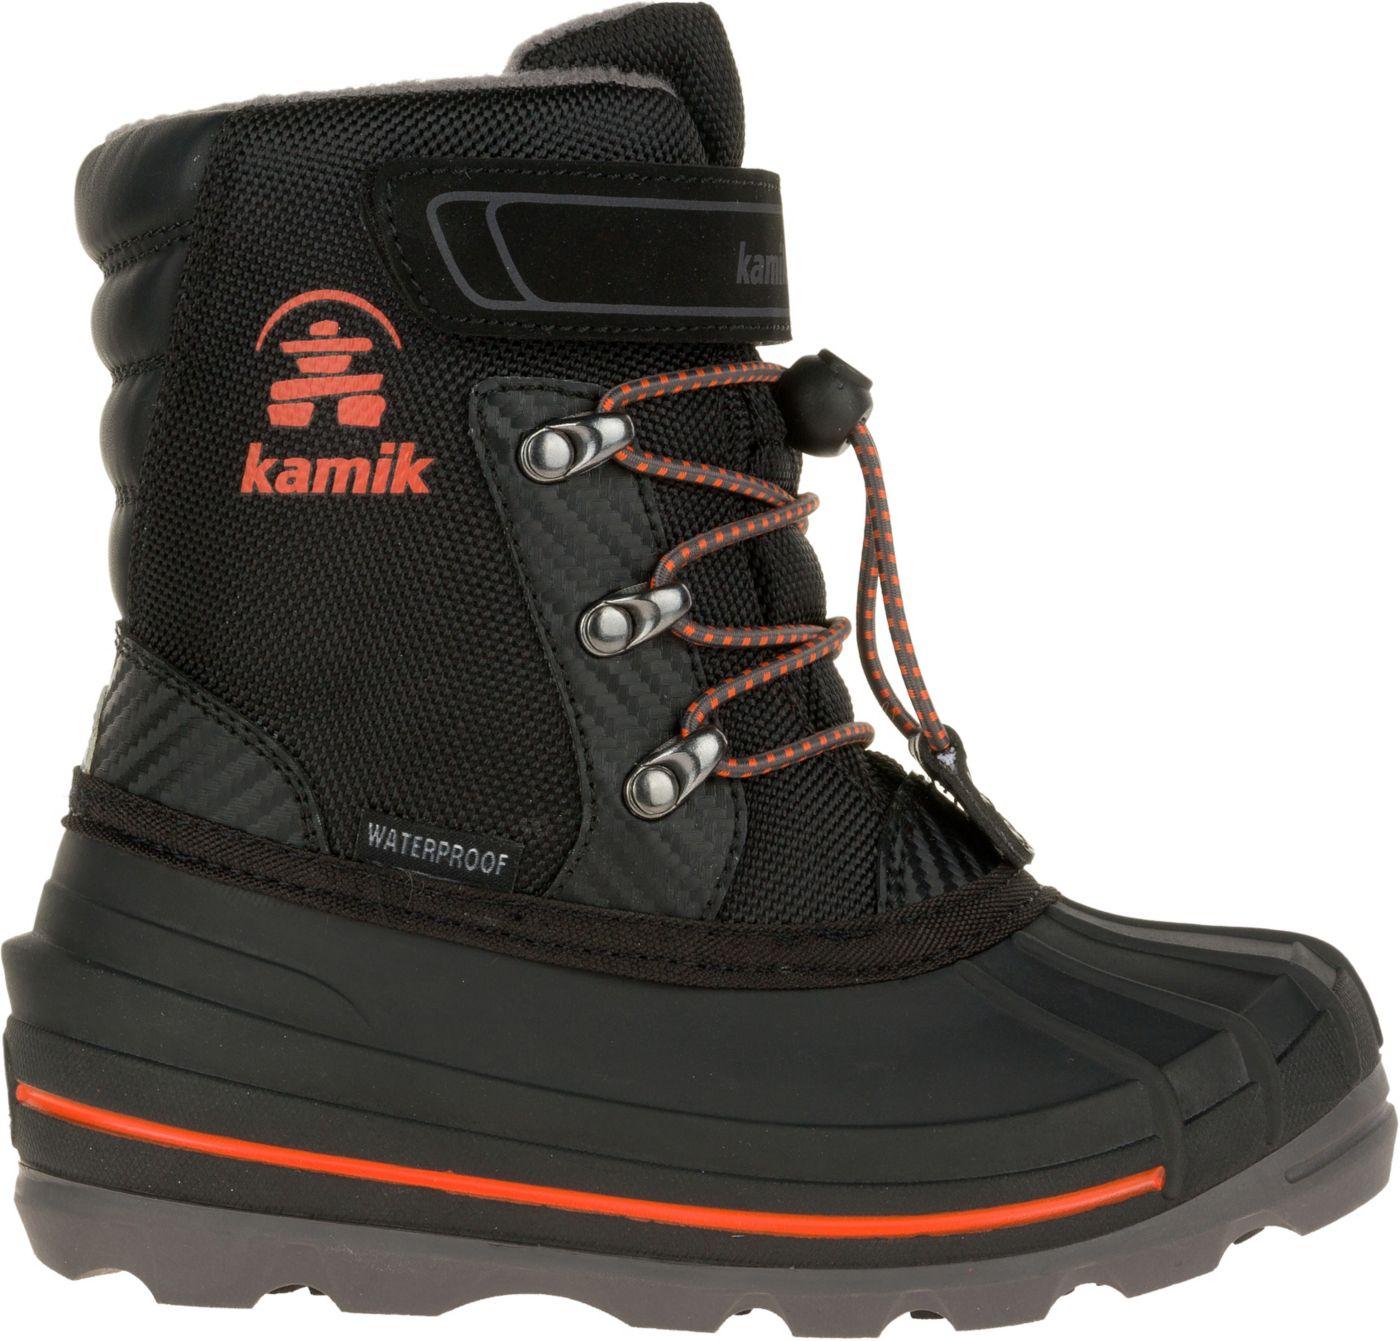 Kamik Kids' Chuck 200g Waterproof Winter Boots